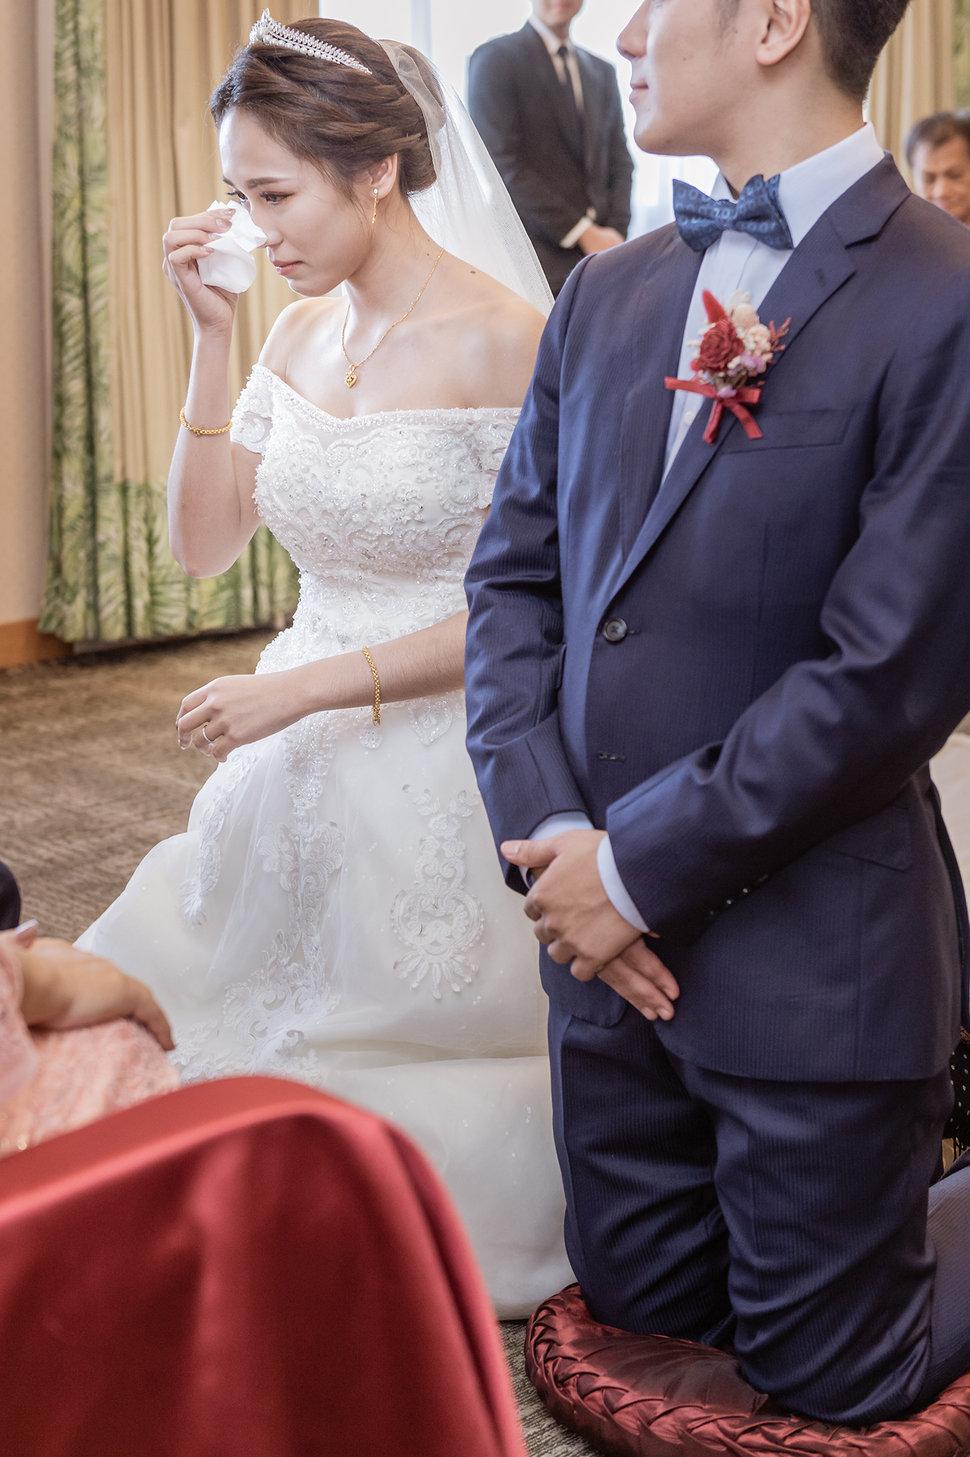 046 - 婚攝阿峰-采舍影像《結婚吧》